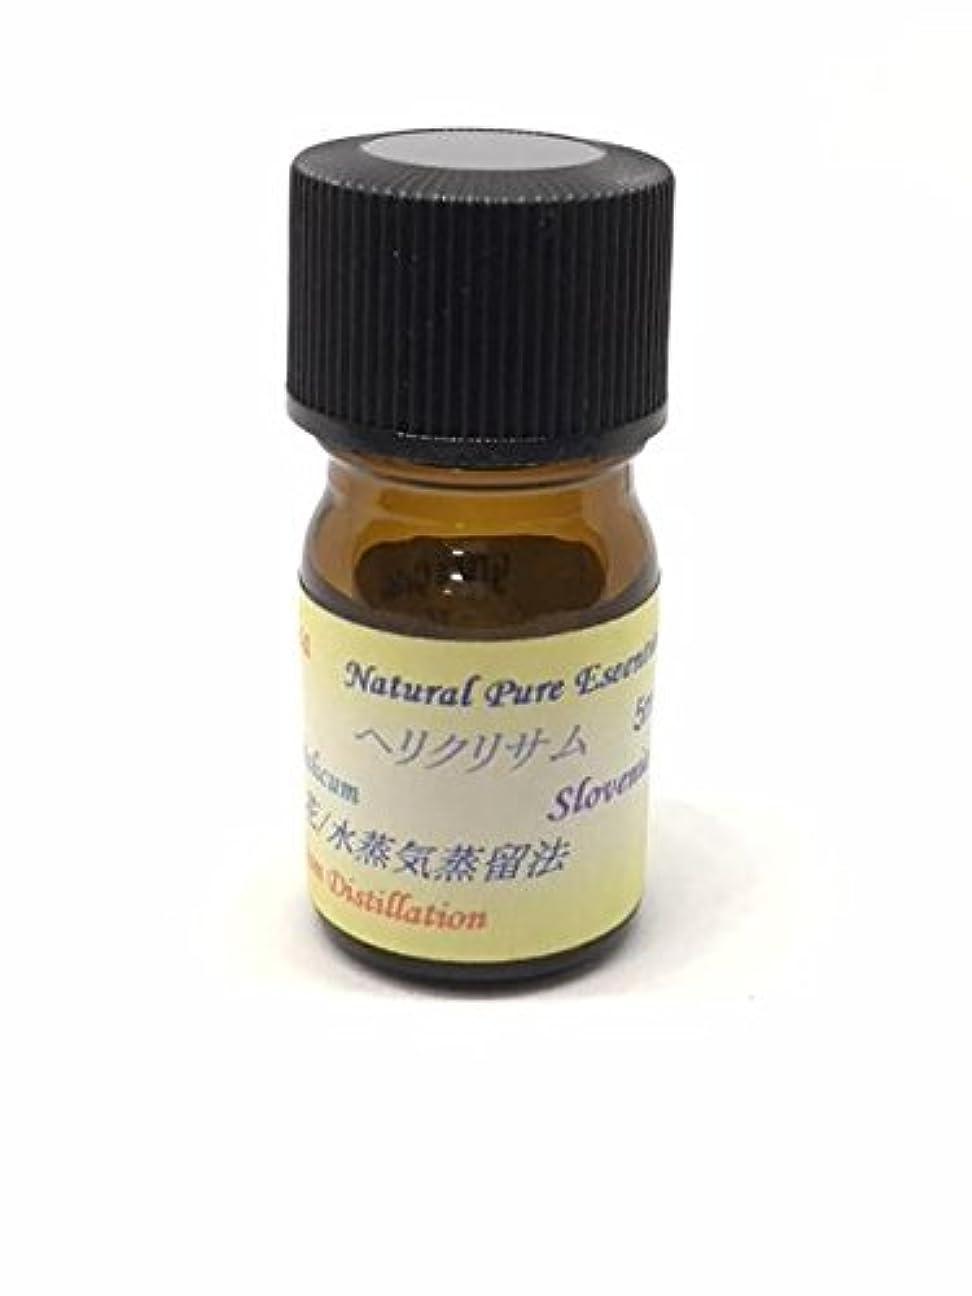 奇跡的なやがて幻滅するヘリクリサムAbs ピュアエッセンシャルオイル精油 イモーテルAbs (30ml)